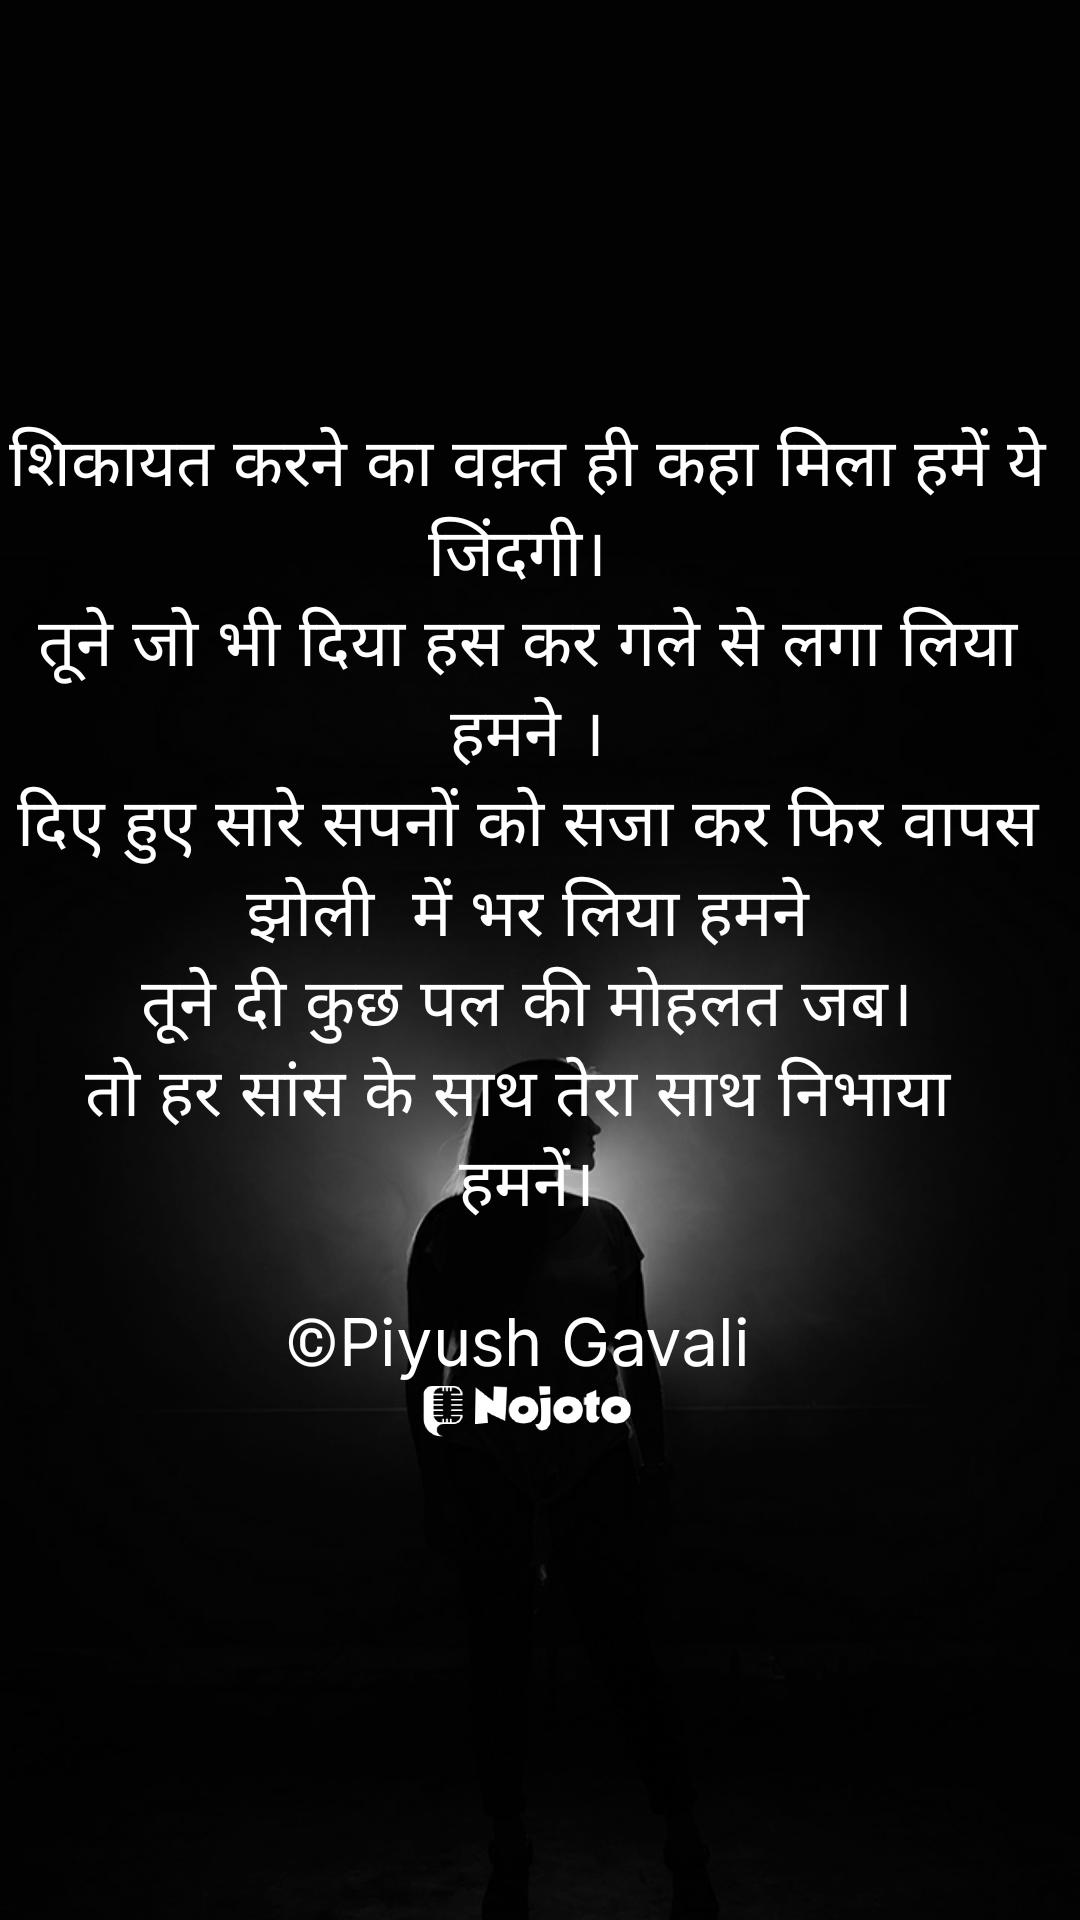 शिकायत करने का वक़्त ही कहा मिला हमें ये जिंदगी।  तूने जो भी दिया हस कर गले से लगा लिया हमने । दिए हुए सारे सपनों को सजा कर फिर वापस झोली  में भर लिया हमने तूने दी कुछ पल की मोहलत जब। तो हर सांस के साथ तेरा साथ निभाया  हमनें।  ©Piyush Gavali